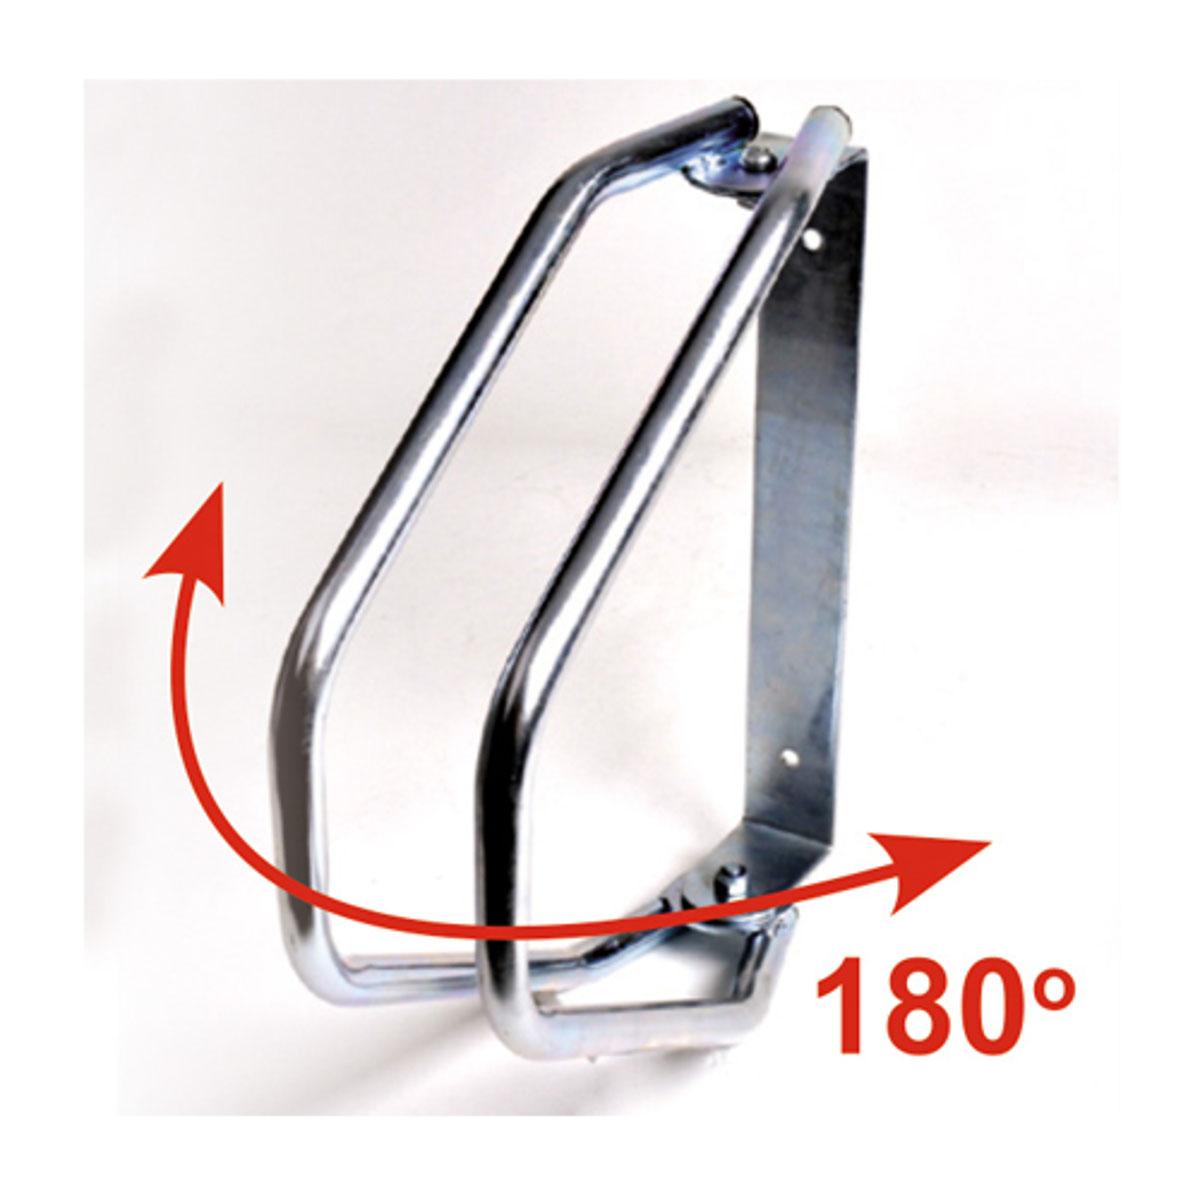 Велопарковка настенная МастерПроф, регулируемаяАС.050030Регулируемая настенная велопарковка. Удобна для использования в гараже и на улице. Система может быть развернута на 180 градусов. Подходит для шин шириной до 50 мм. Простая установка с помощью двух винтов.